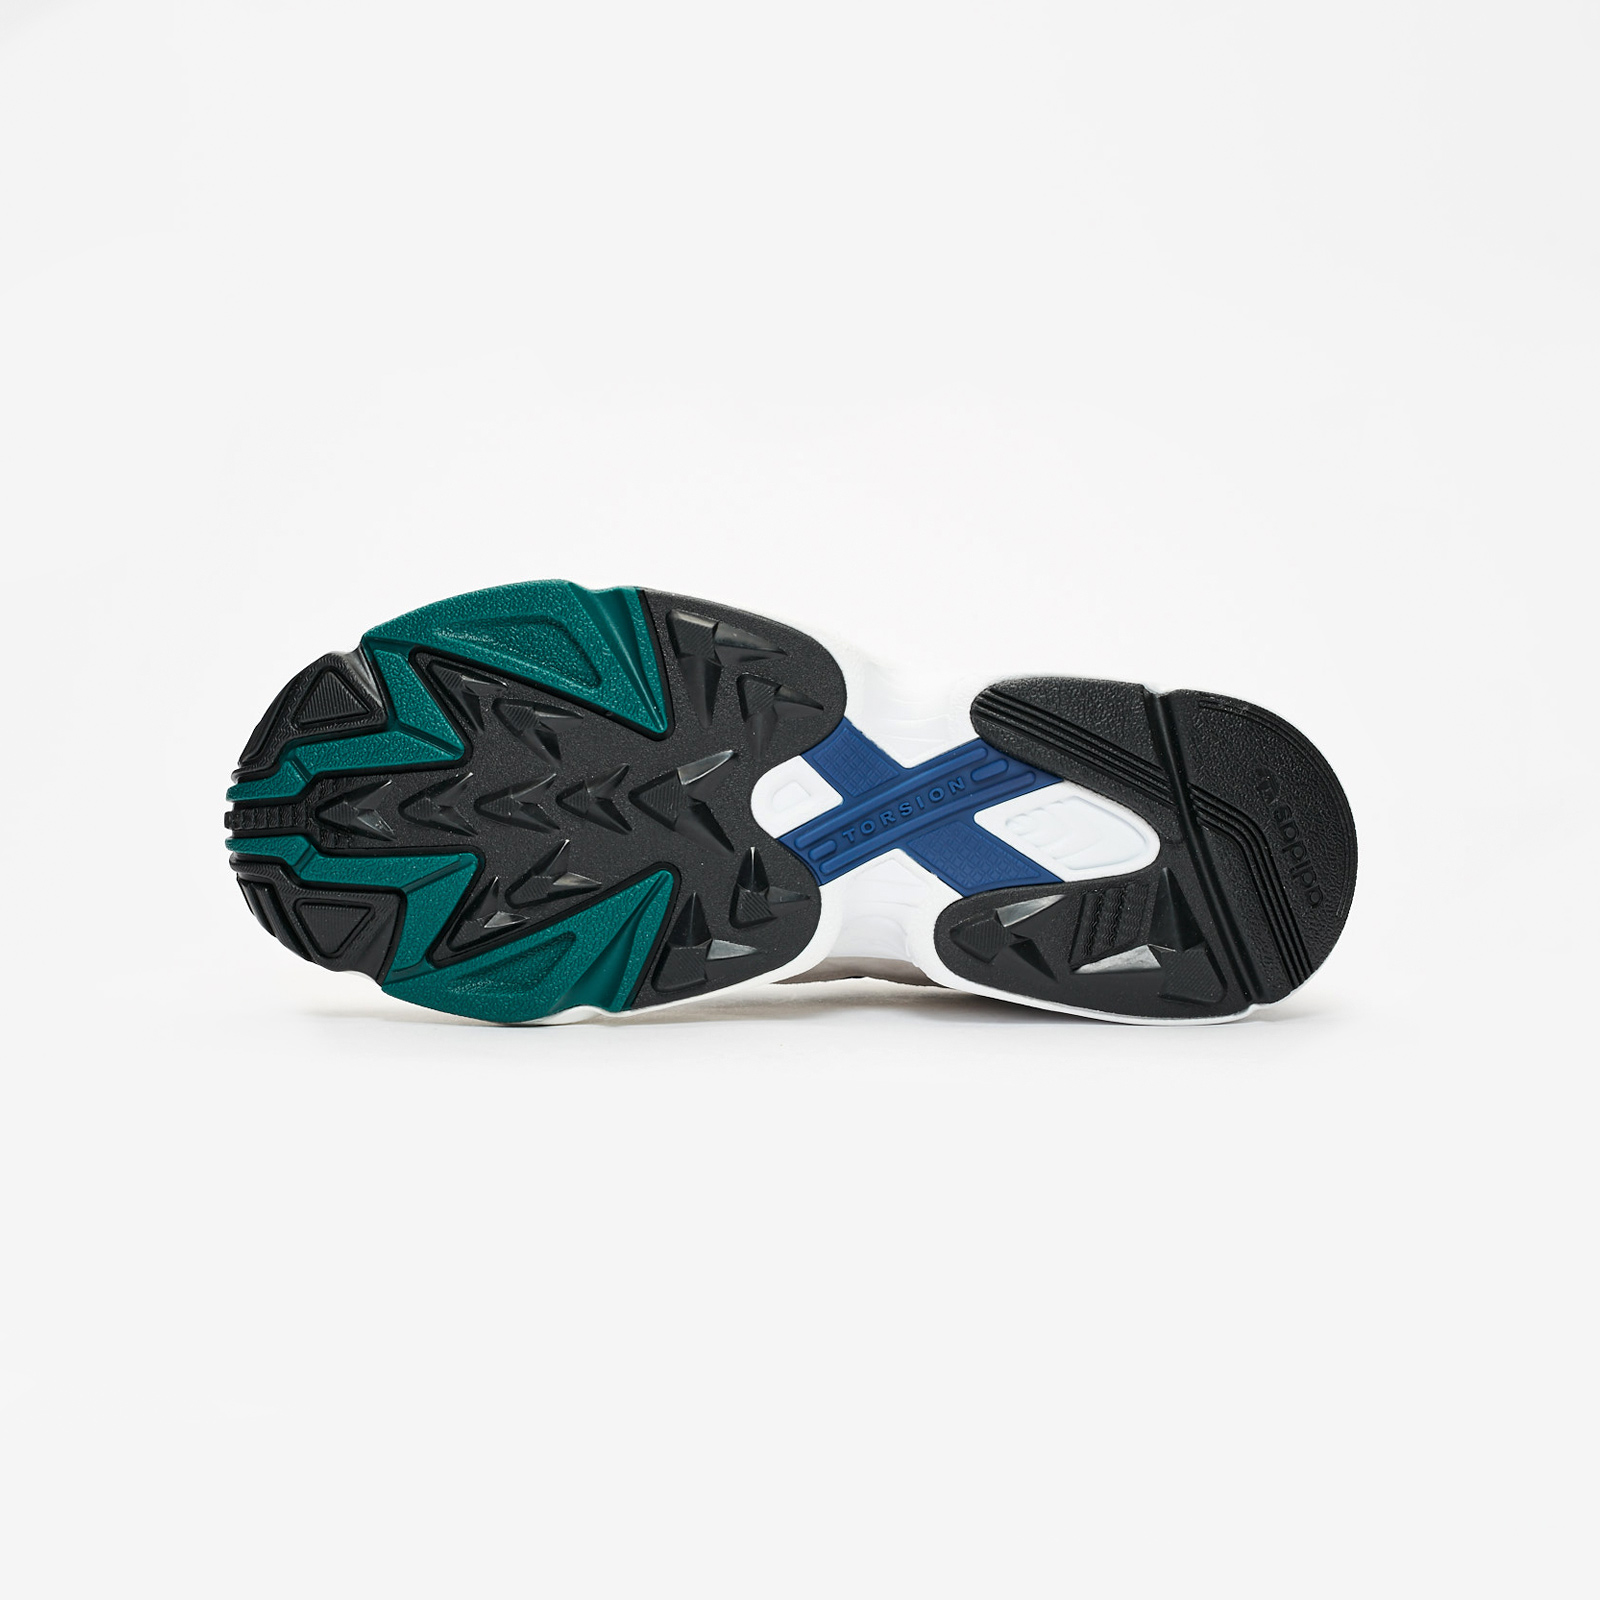 Adidas Yung 1 G27031 Sneakersnstuff Sneakers